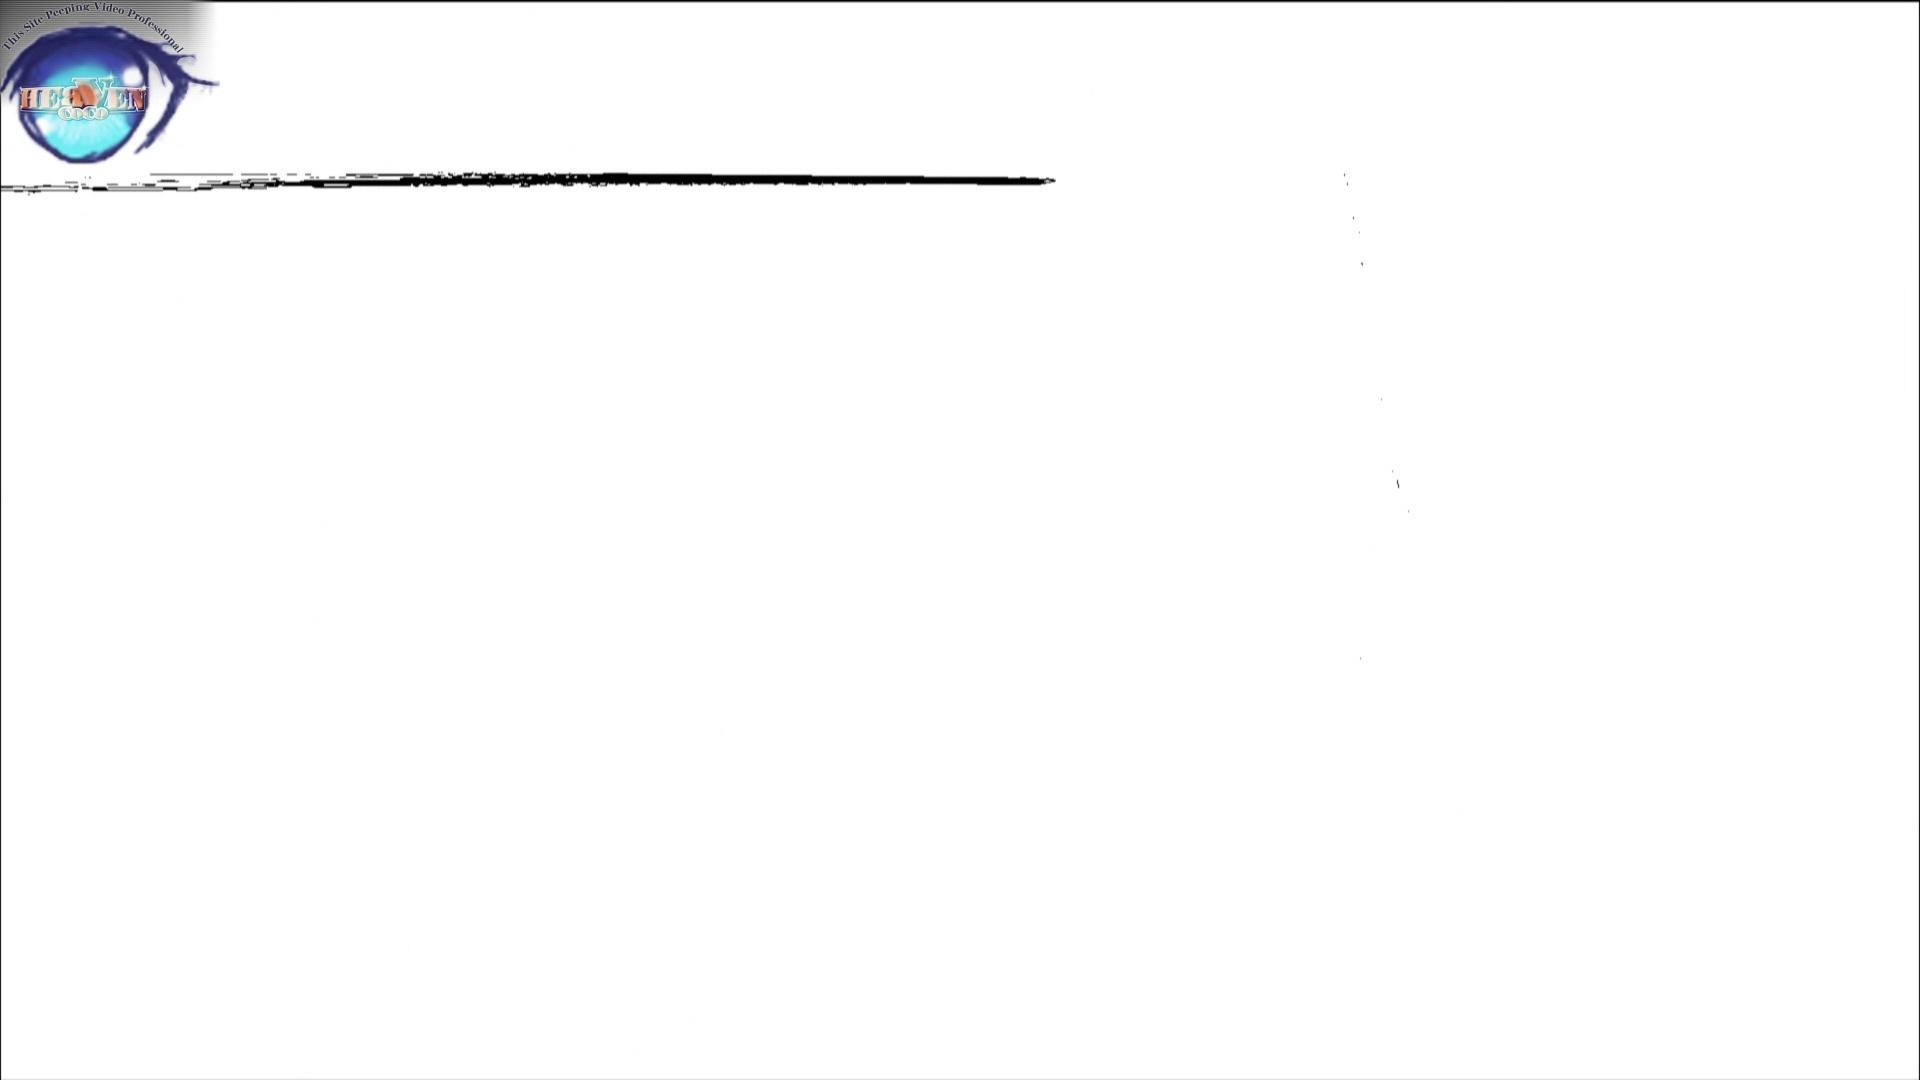 洗面所突入レポート!!お銀 vol.67 新たな場所への挑戦が始まる!!後編 エロい美人 性交動画流出 92枚